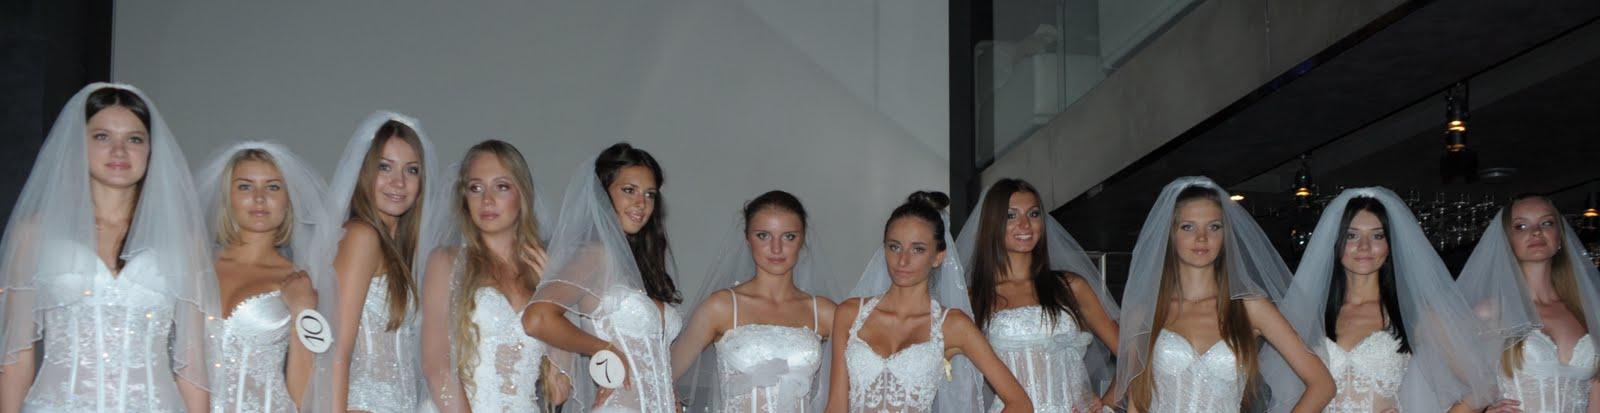 Мисс бикини 2010 украина